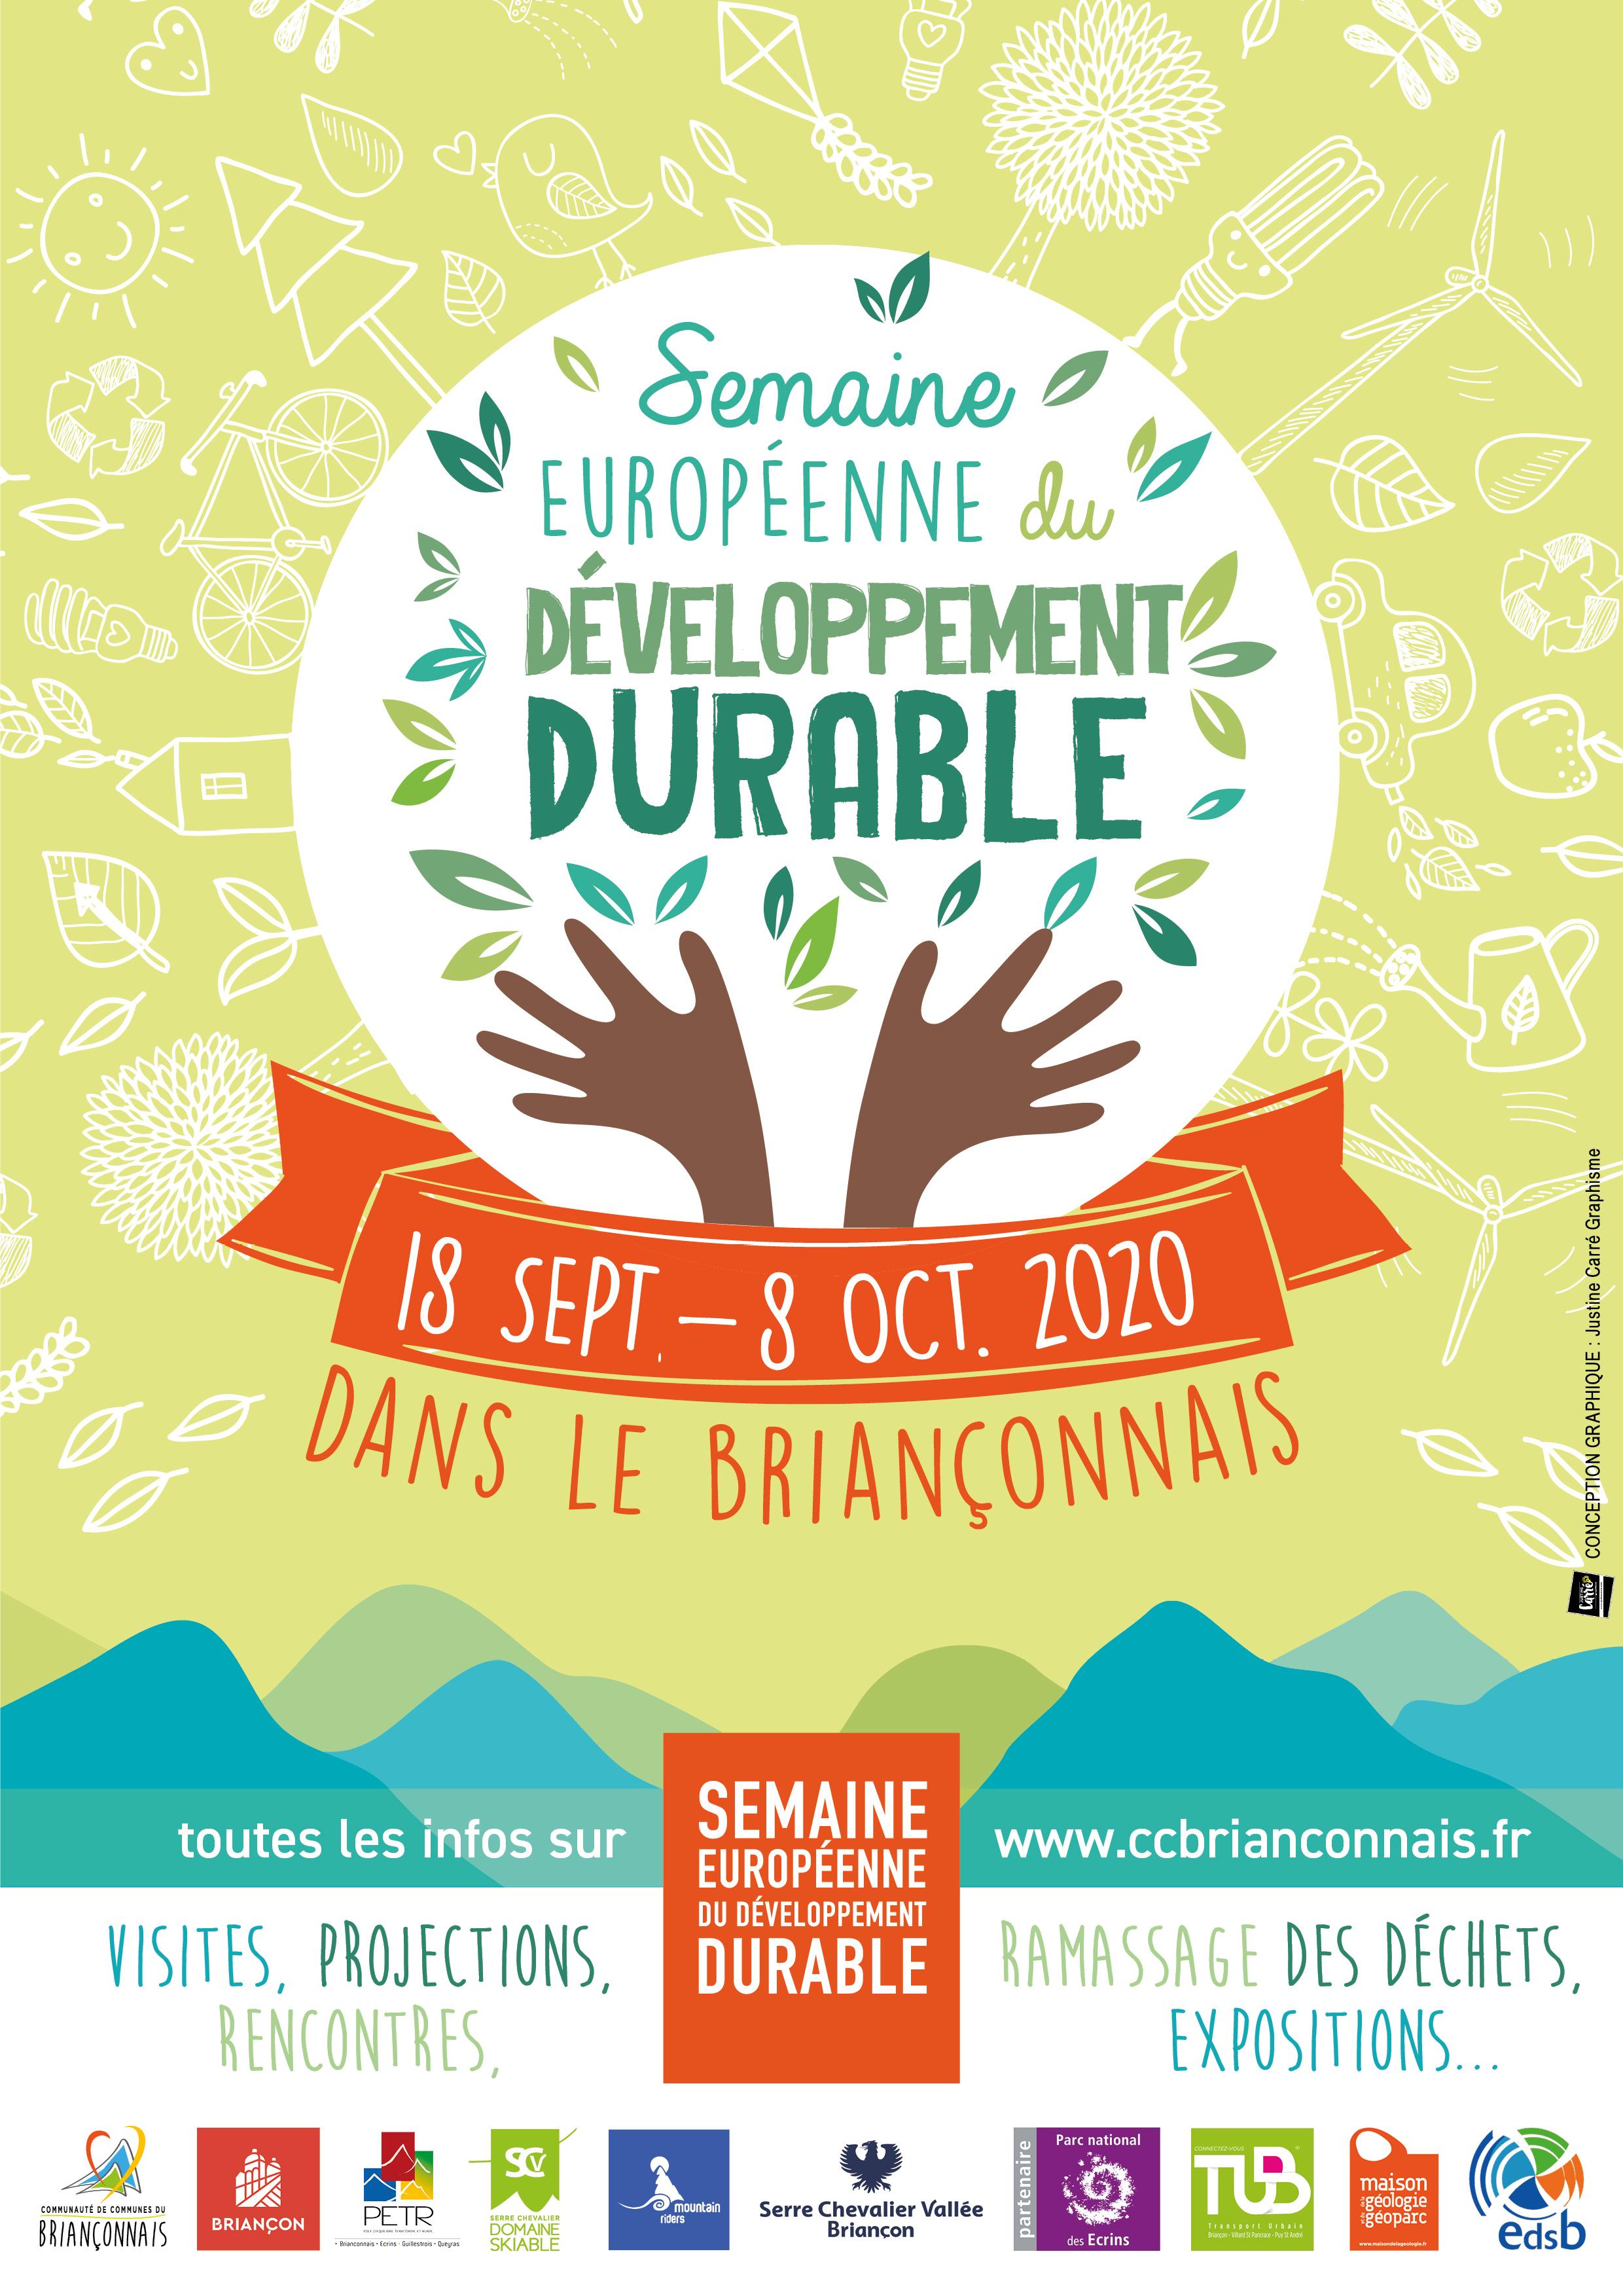 semaine_du_developpement_durable_dans_le_brianconnais_-_2020.jpg